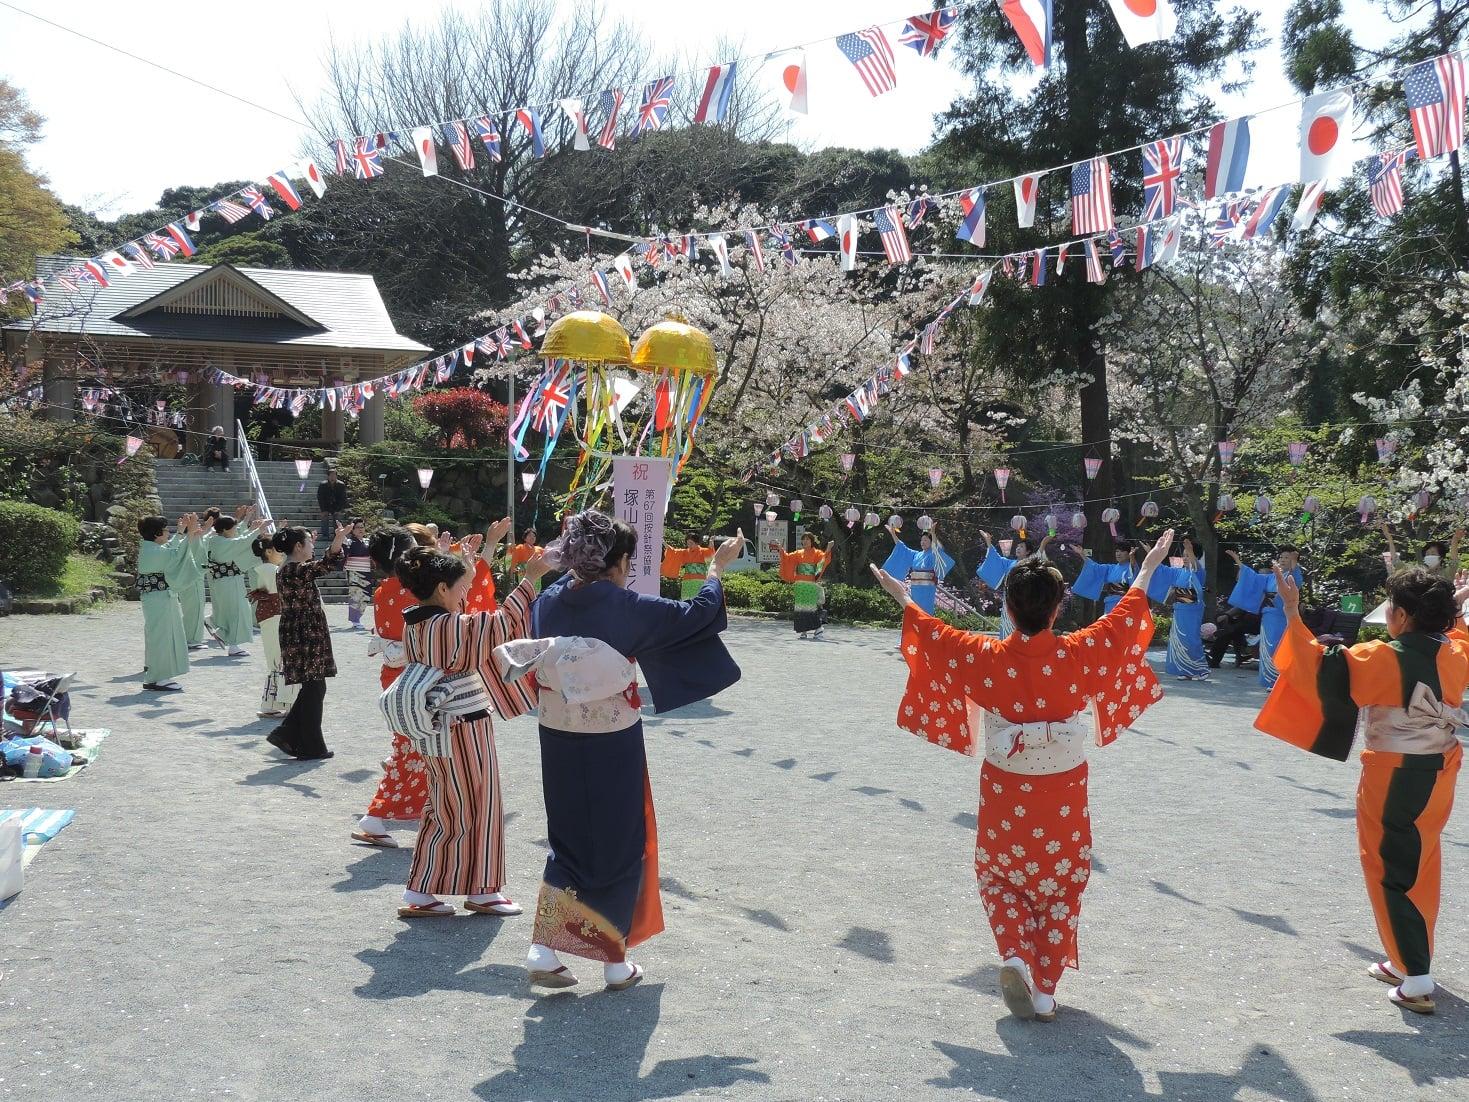 【横须贺】筑山公园樱花节